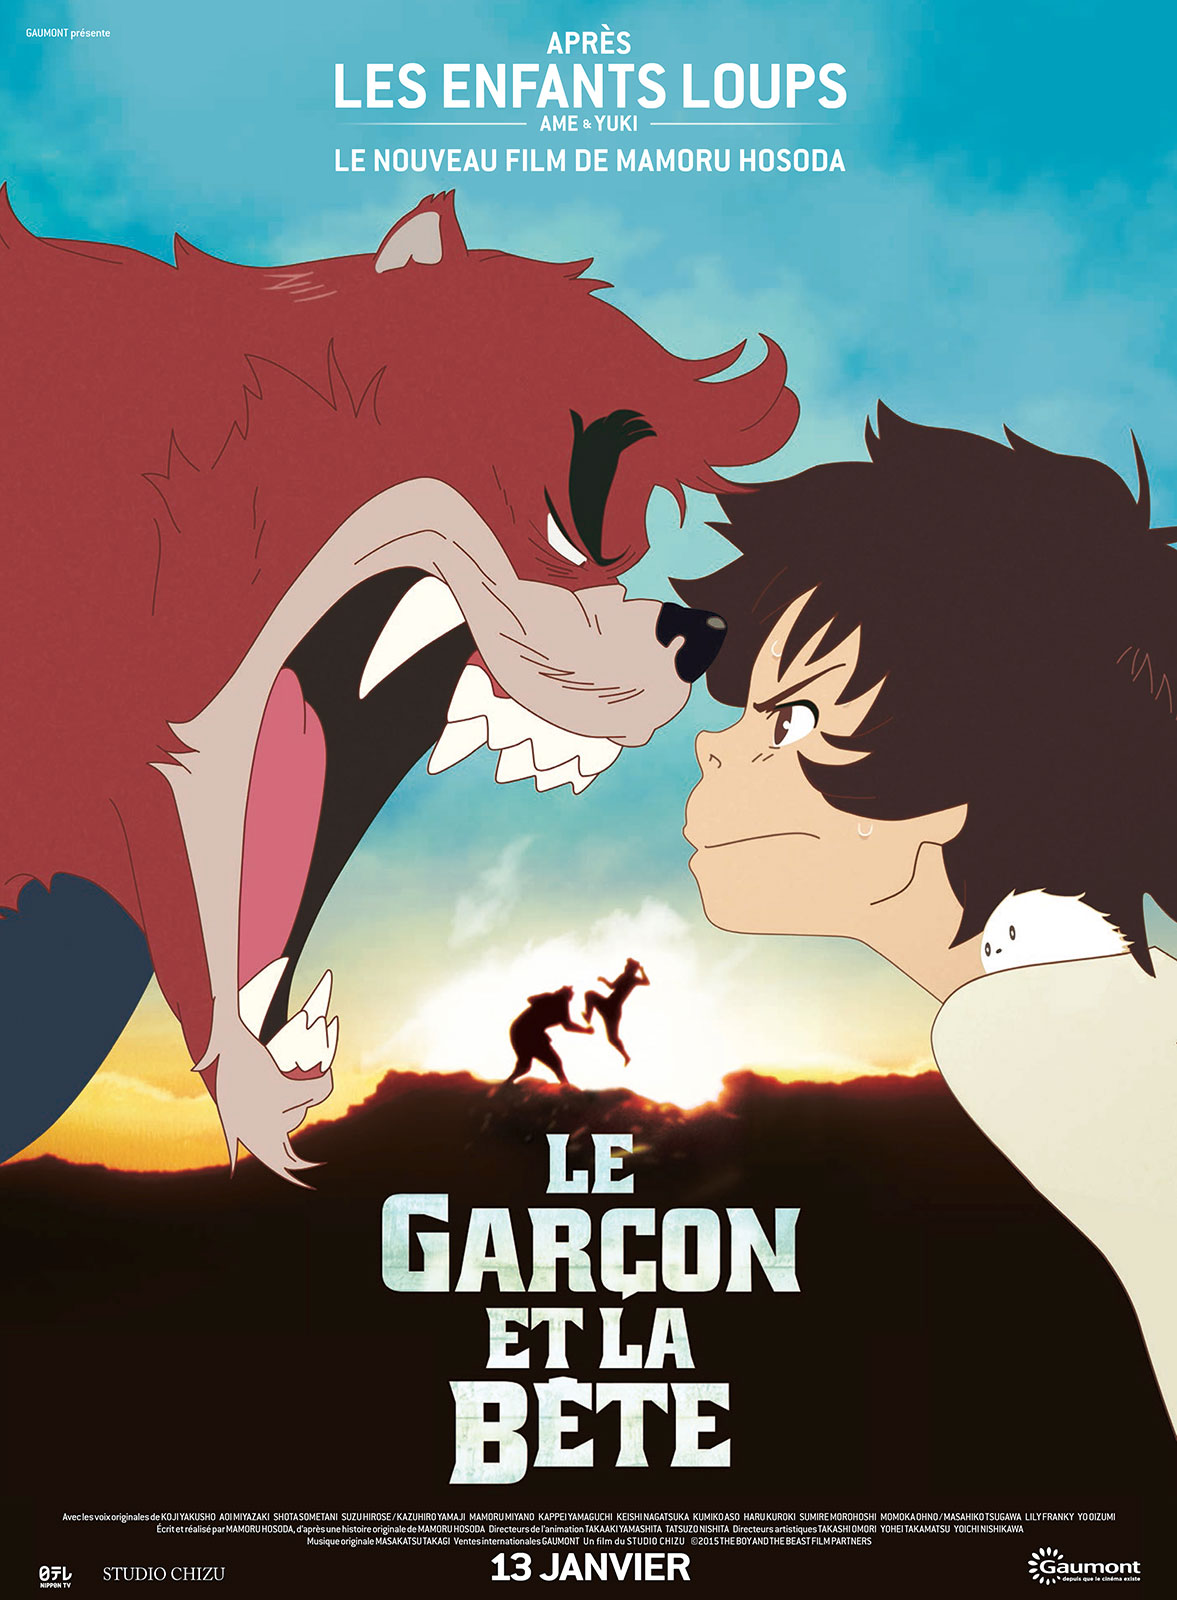 le garcon et la bete affiche - Affiche Garcon Robot